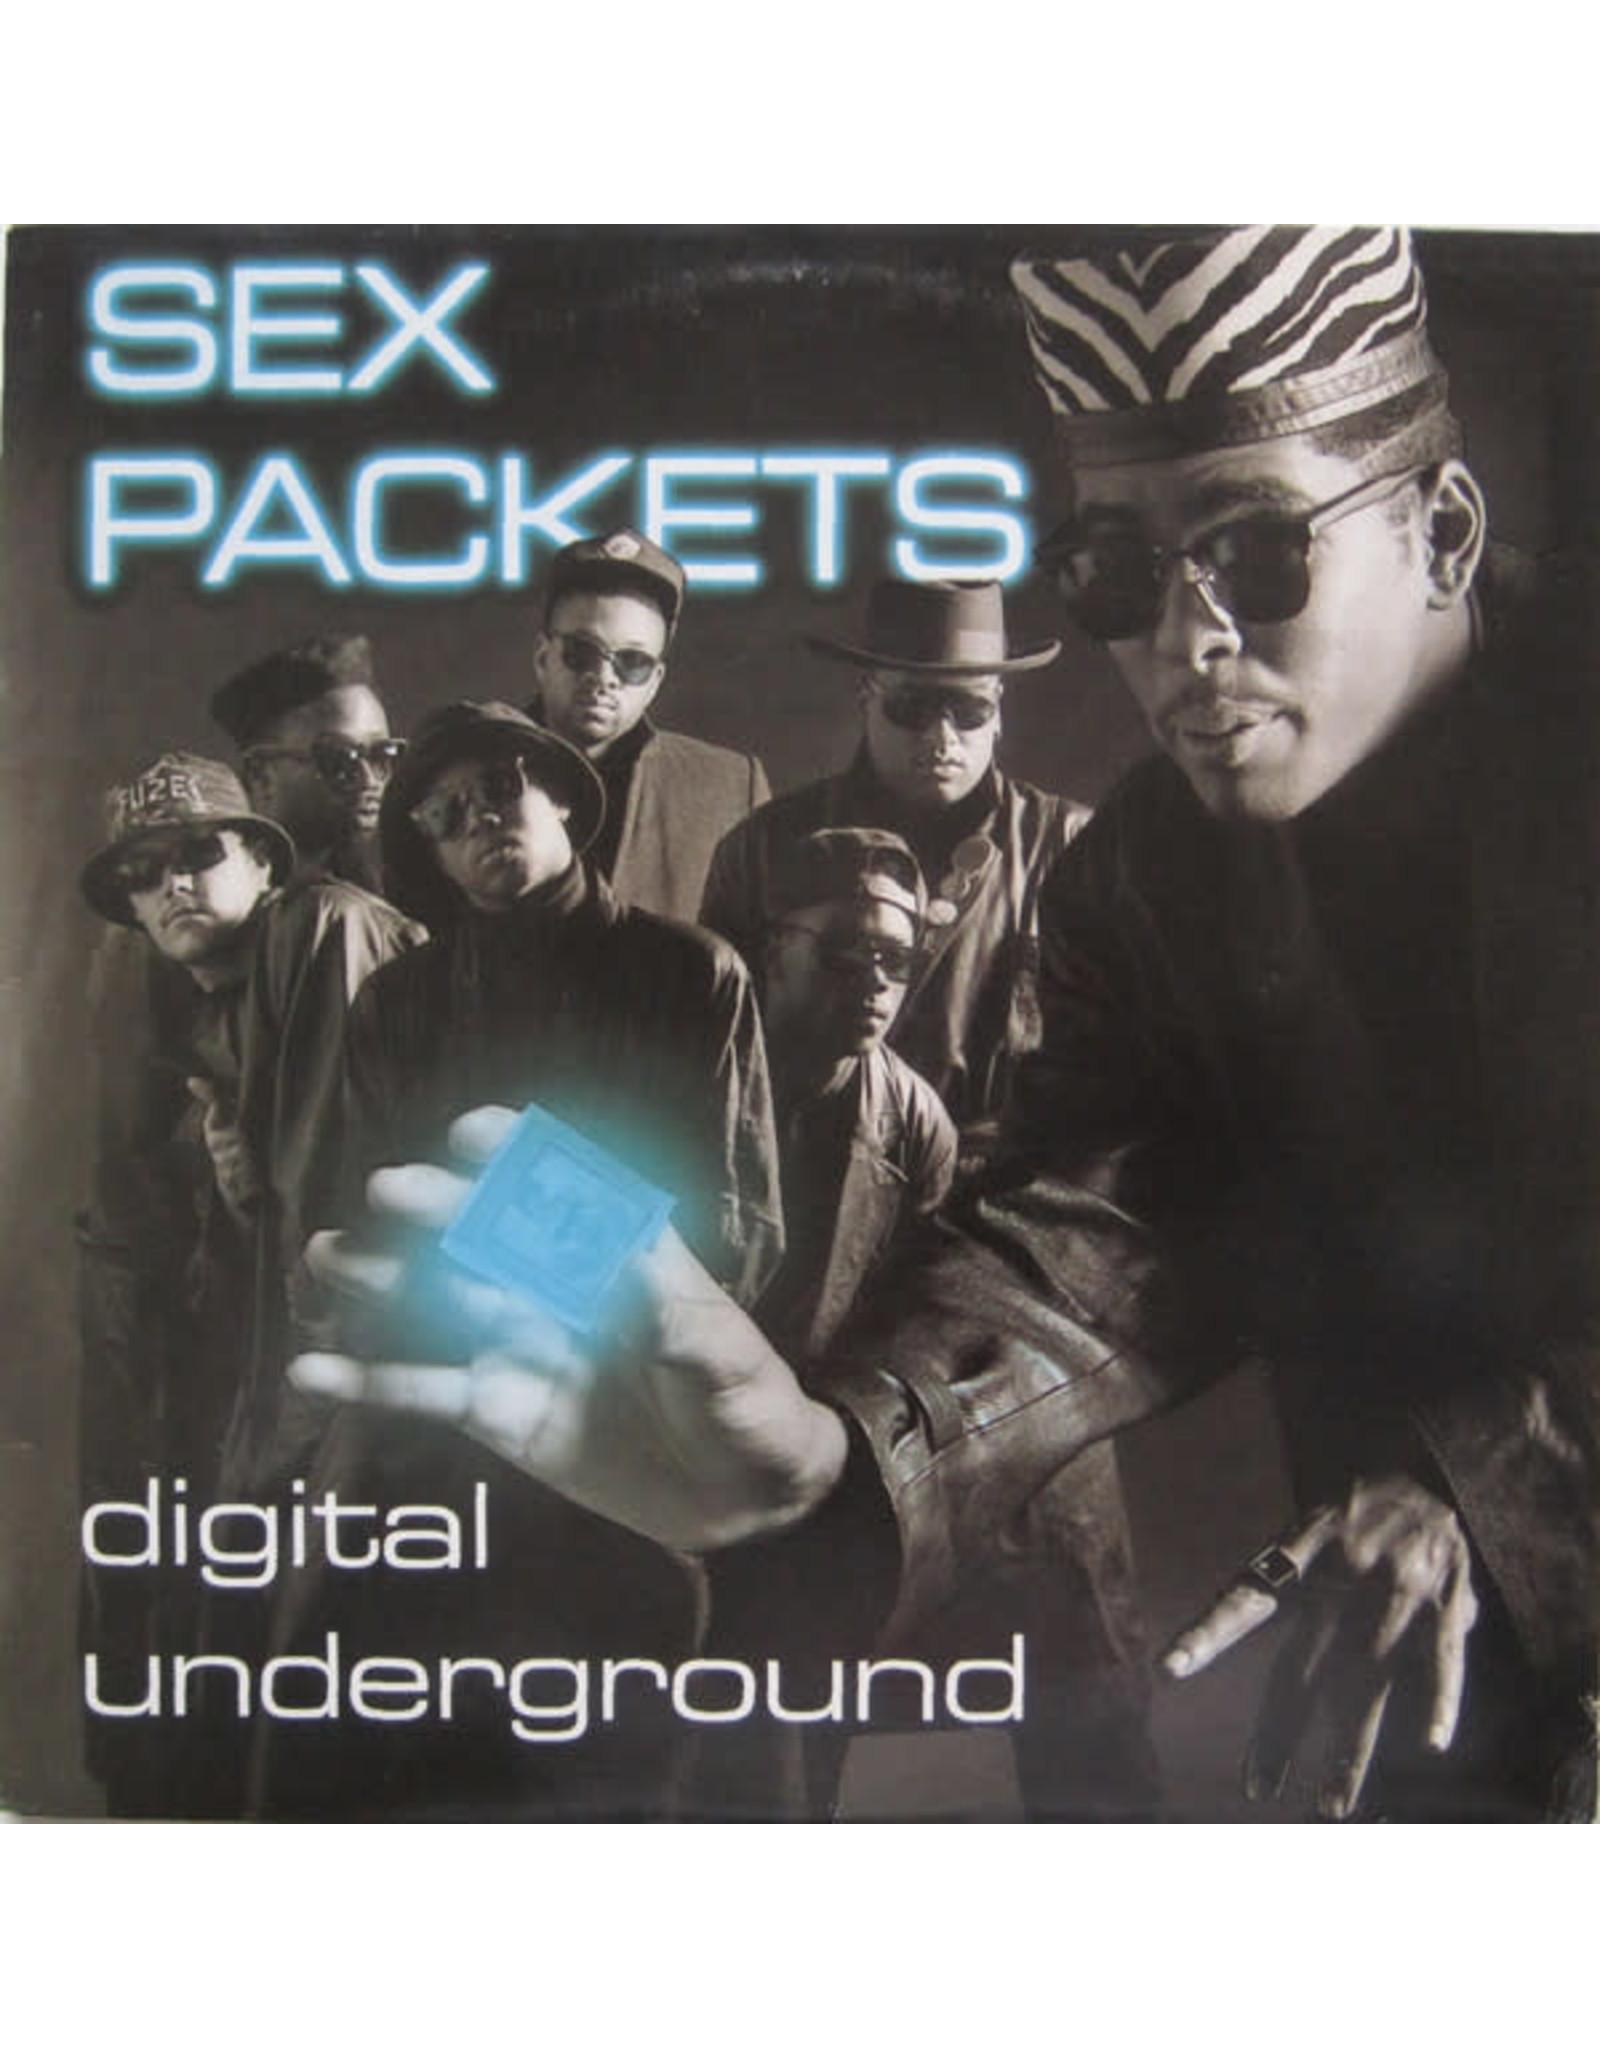 Digital Underground / Sex Packets